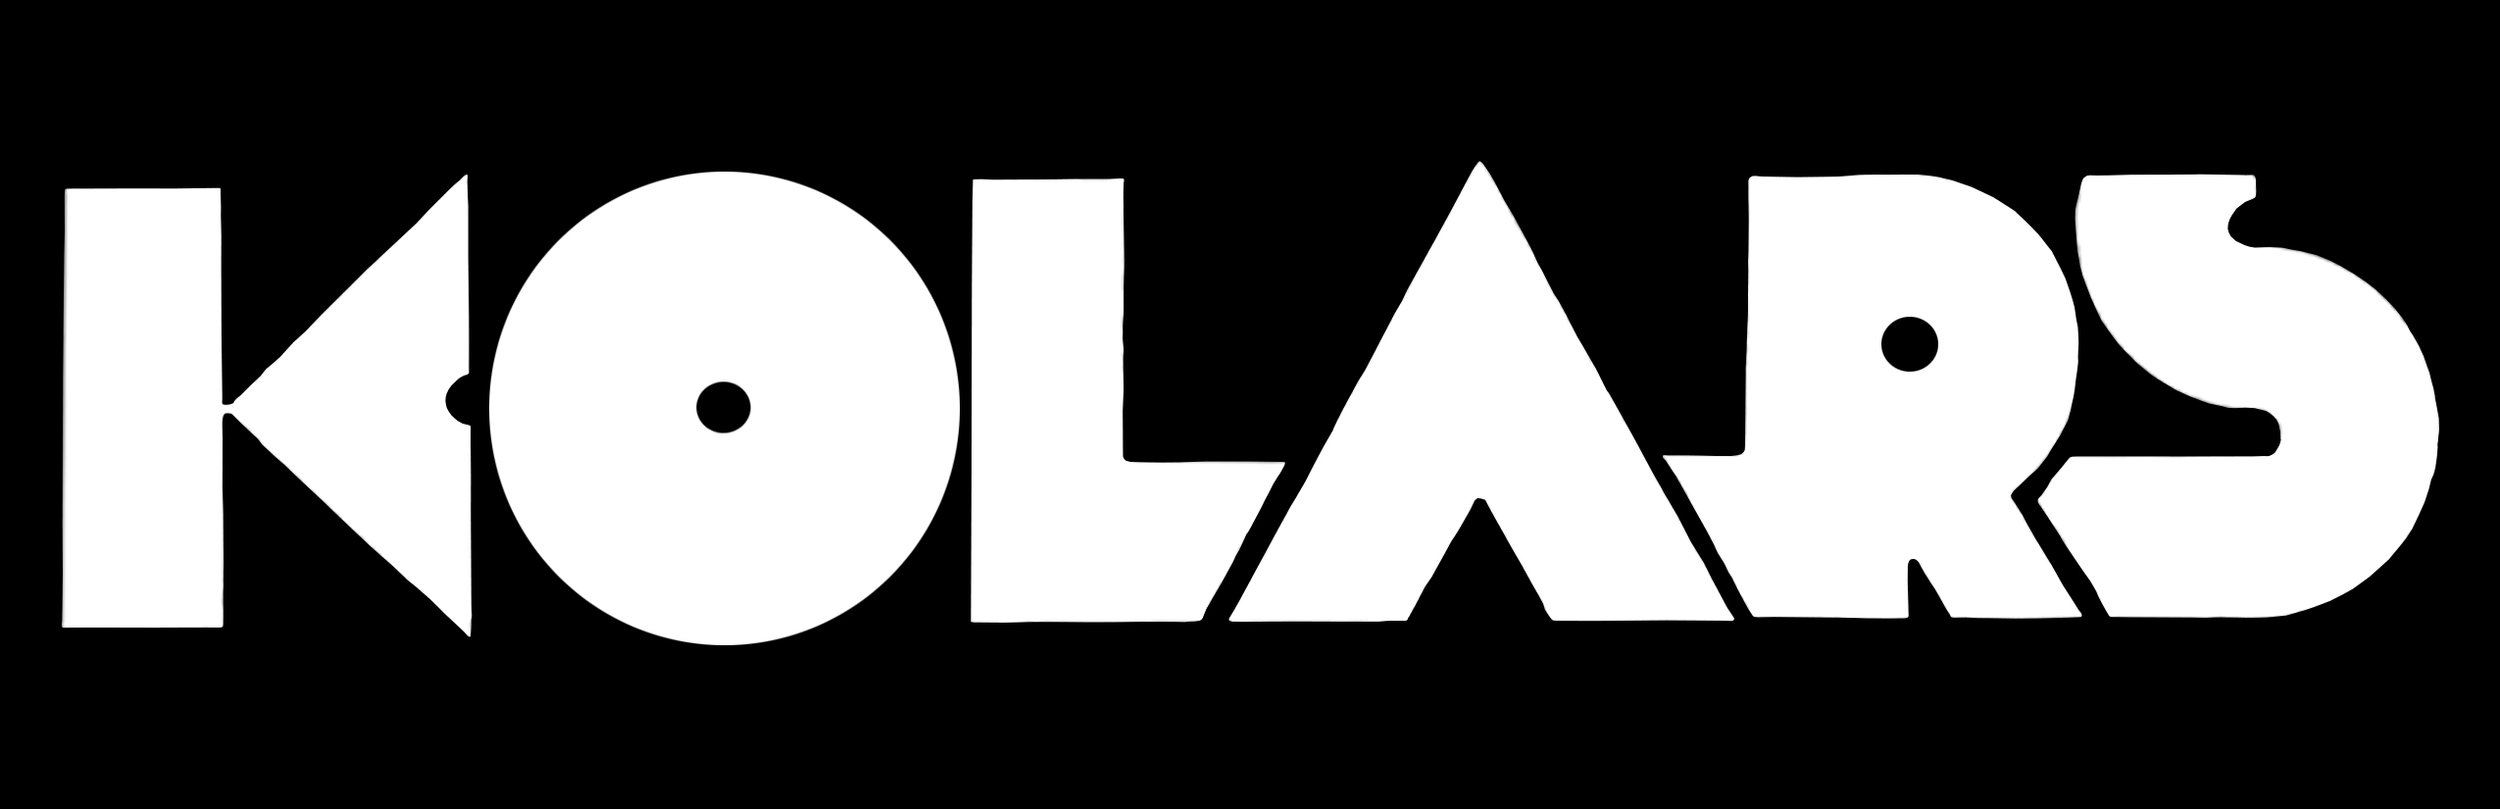 KOLARS hi res logo white on black.jpg